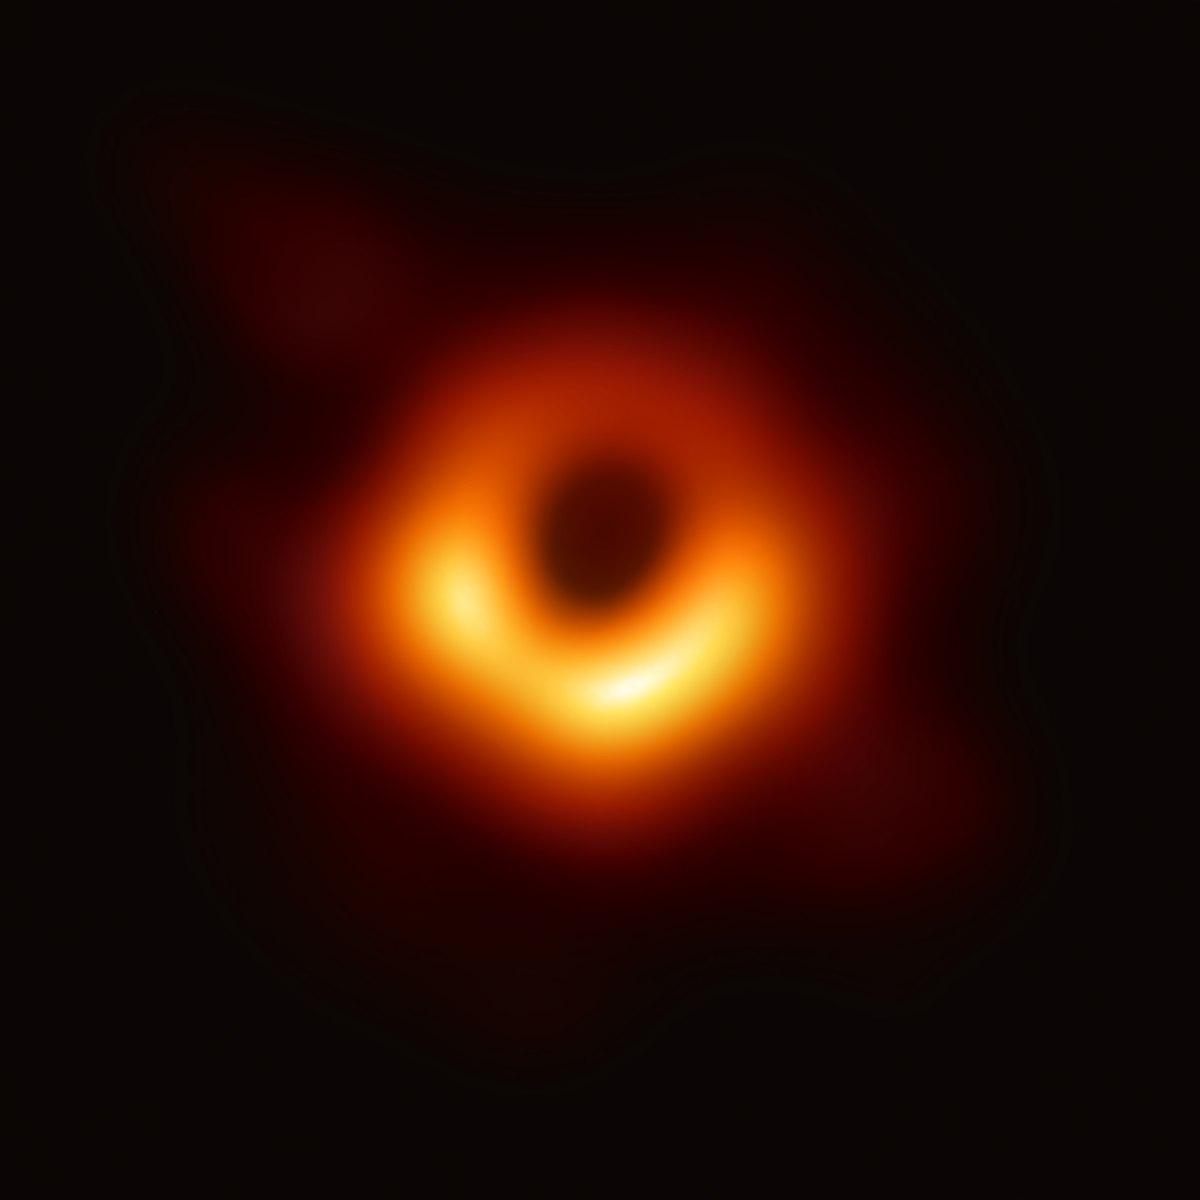 الثقب الأسود